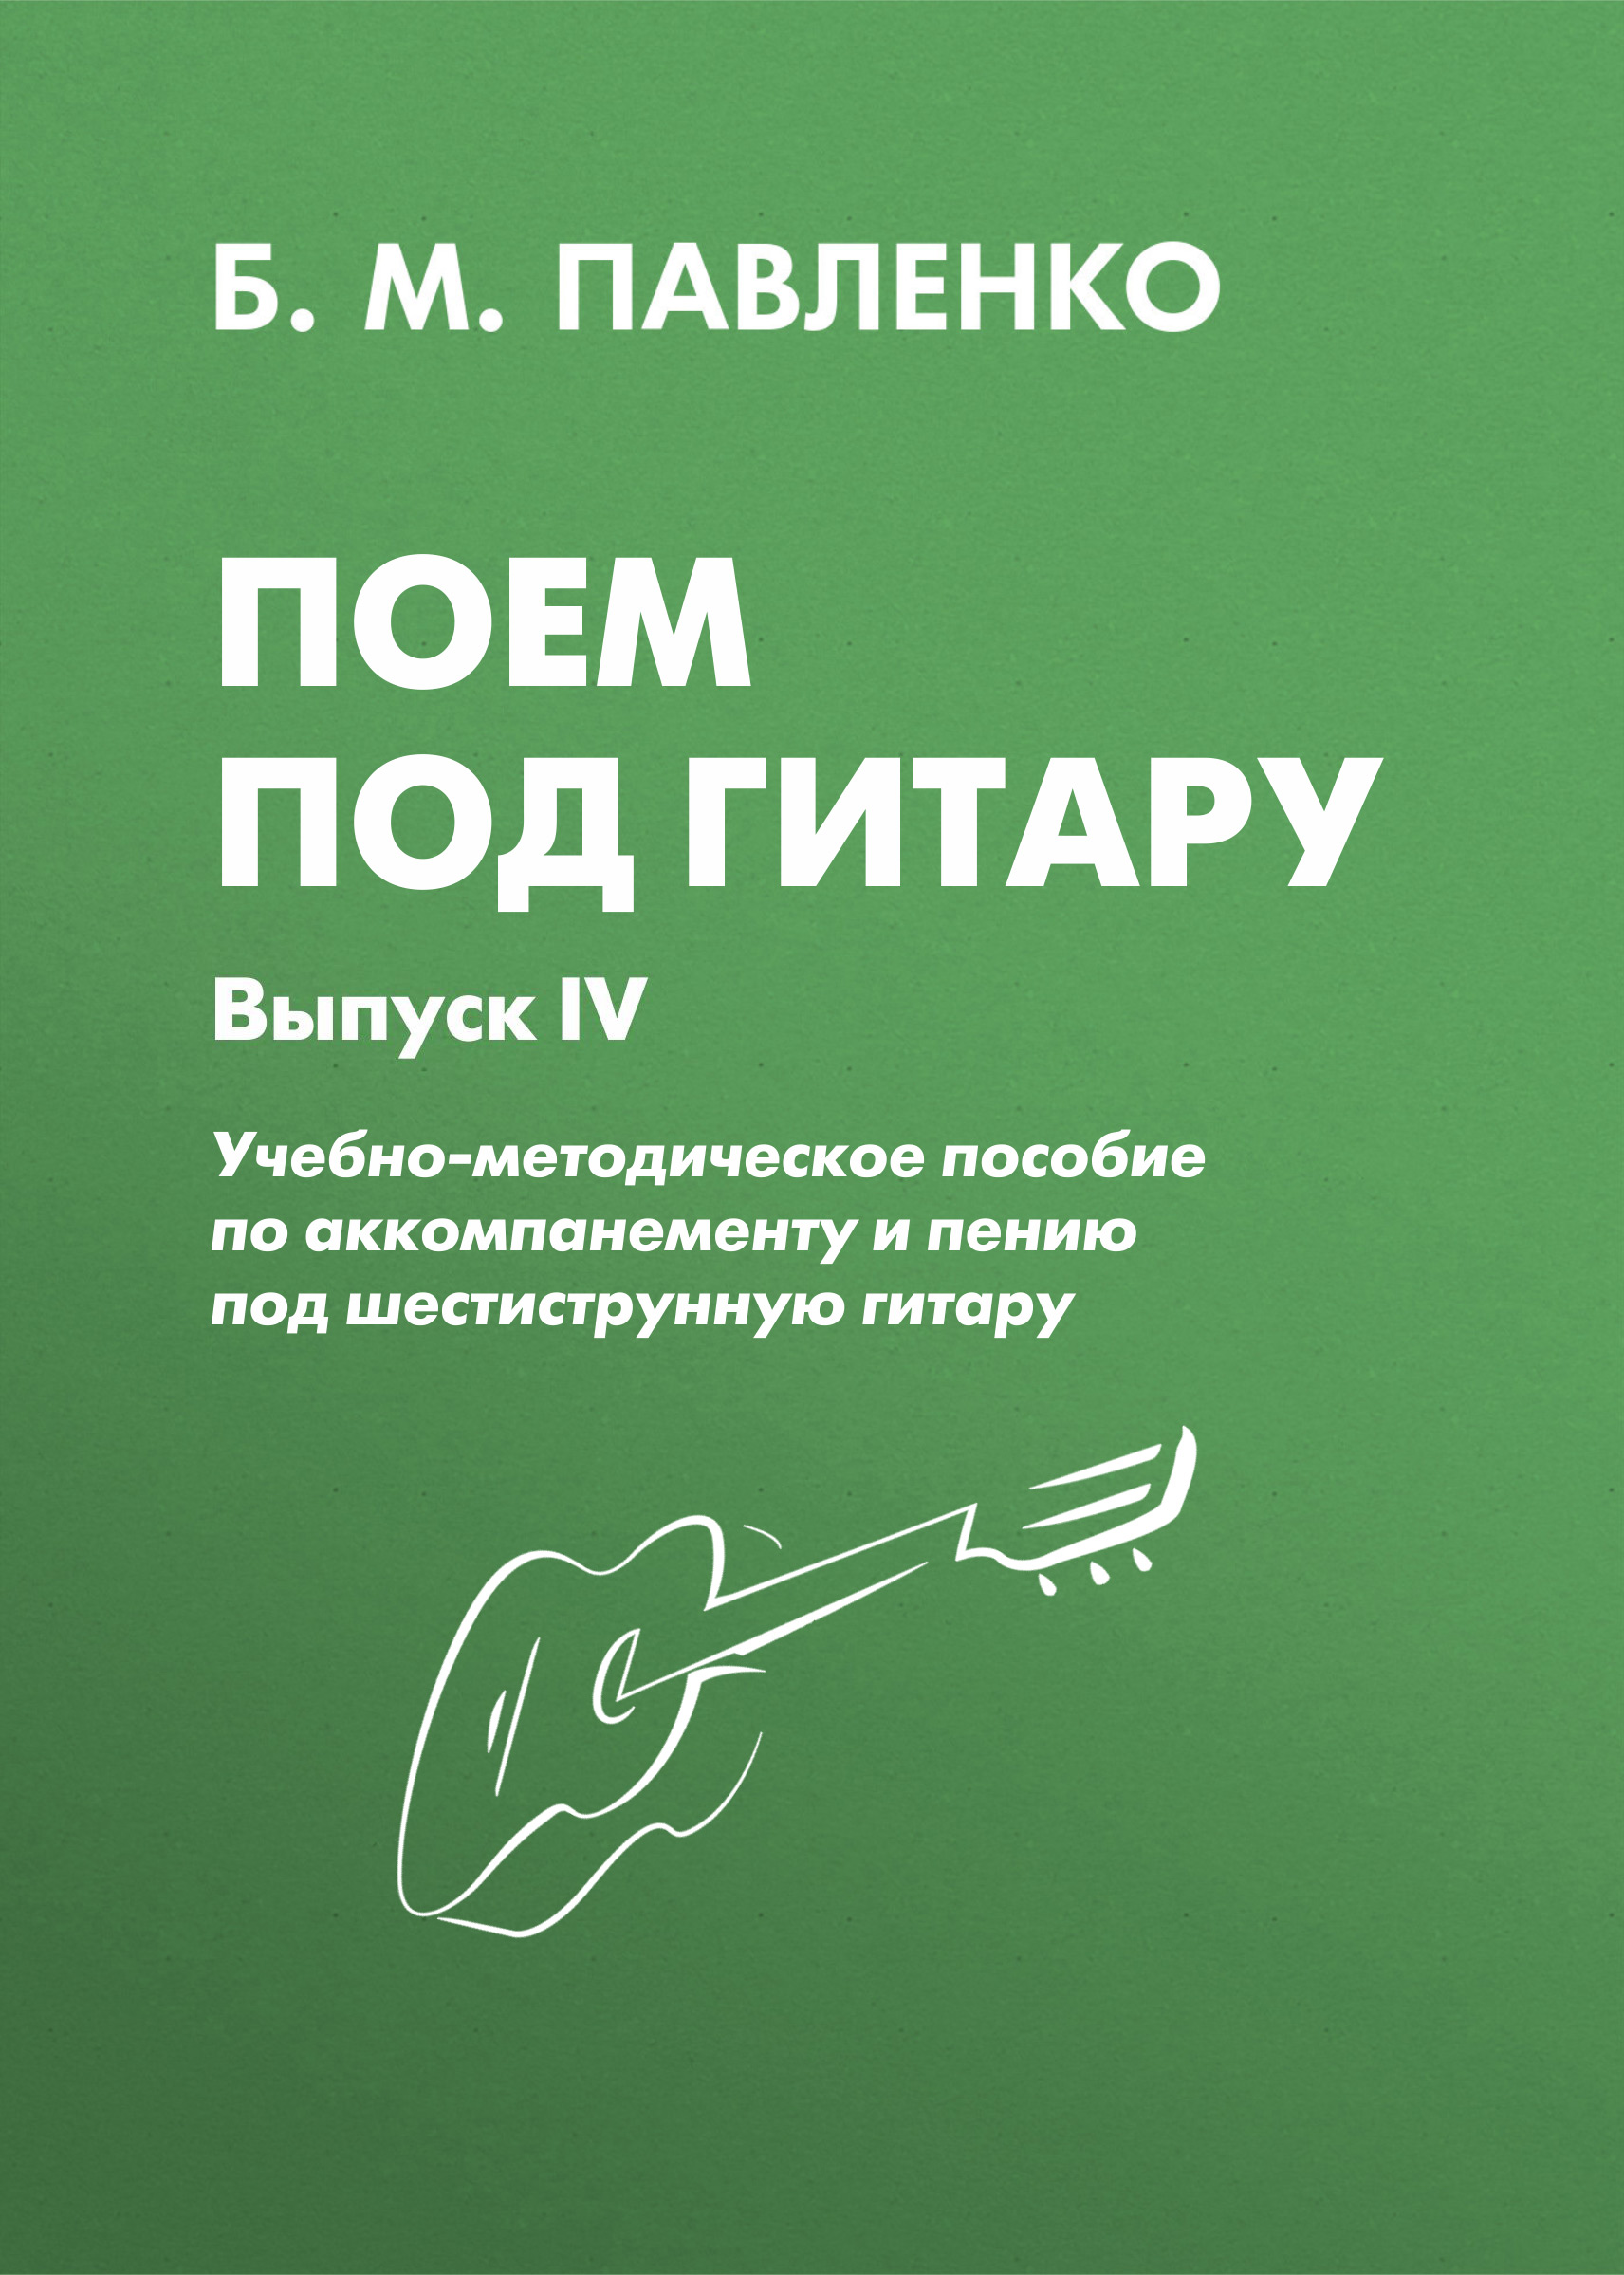 Б. М. Павленко Поем под . Учебно-методическое пособие по аккомпанементу и пению под шестиструнную . Выпуск IV